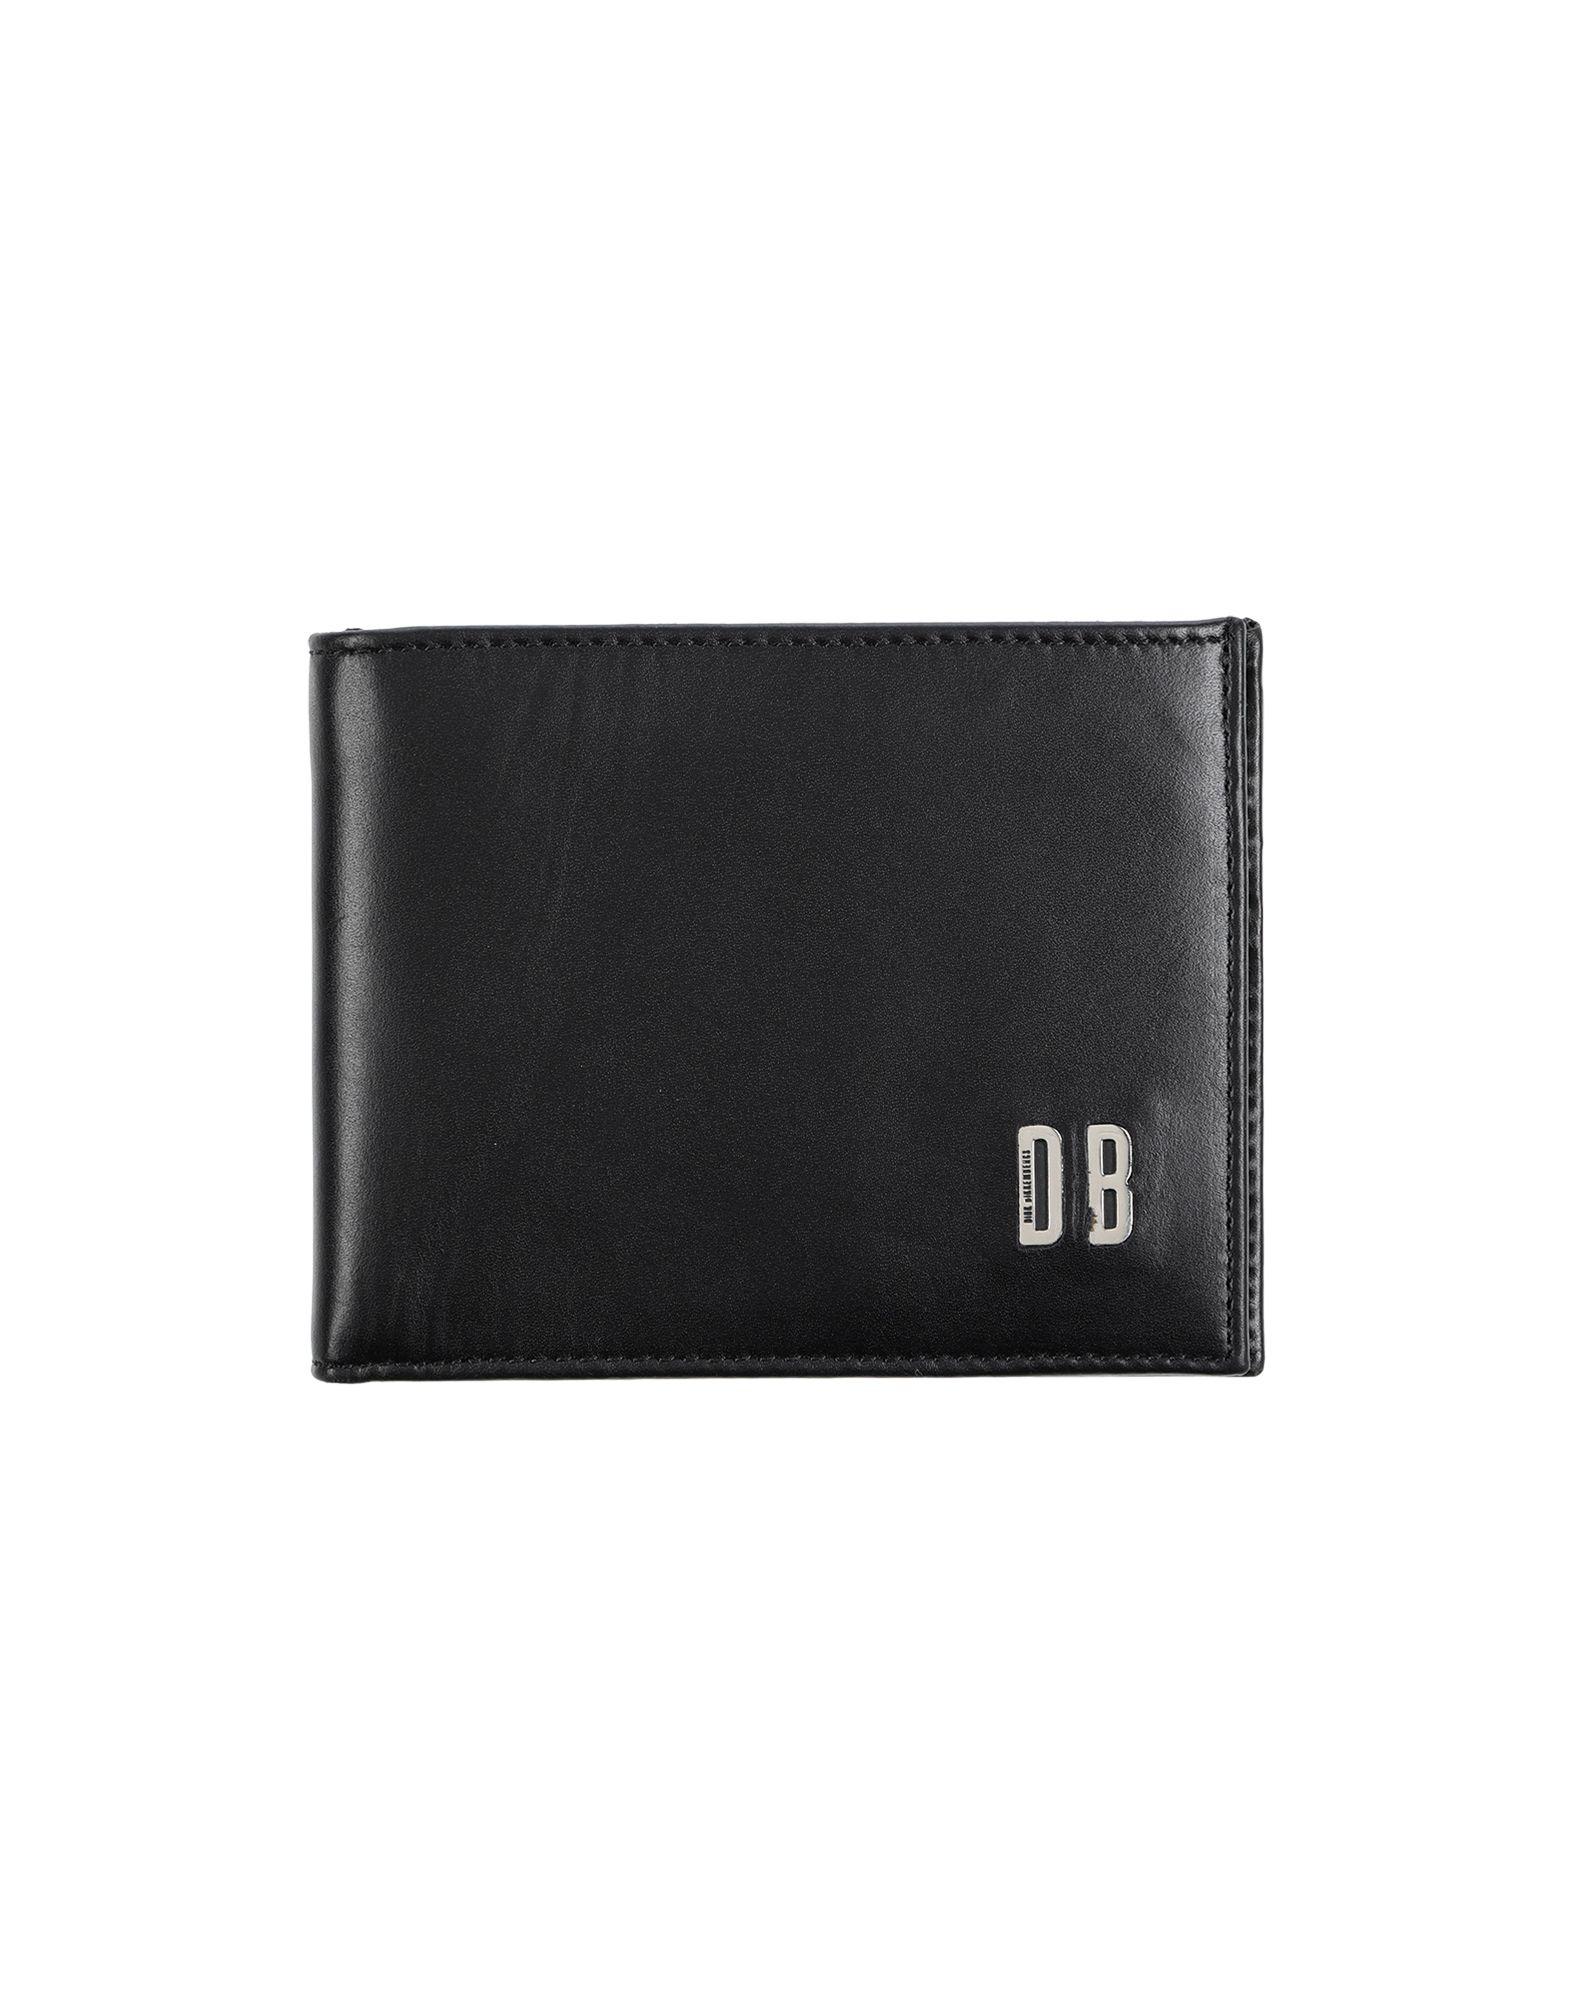 《送料無料》DIRK BIKKEMBERGS メンズ 財布 ブラック 革